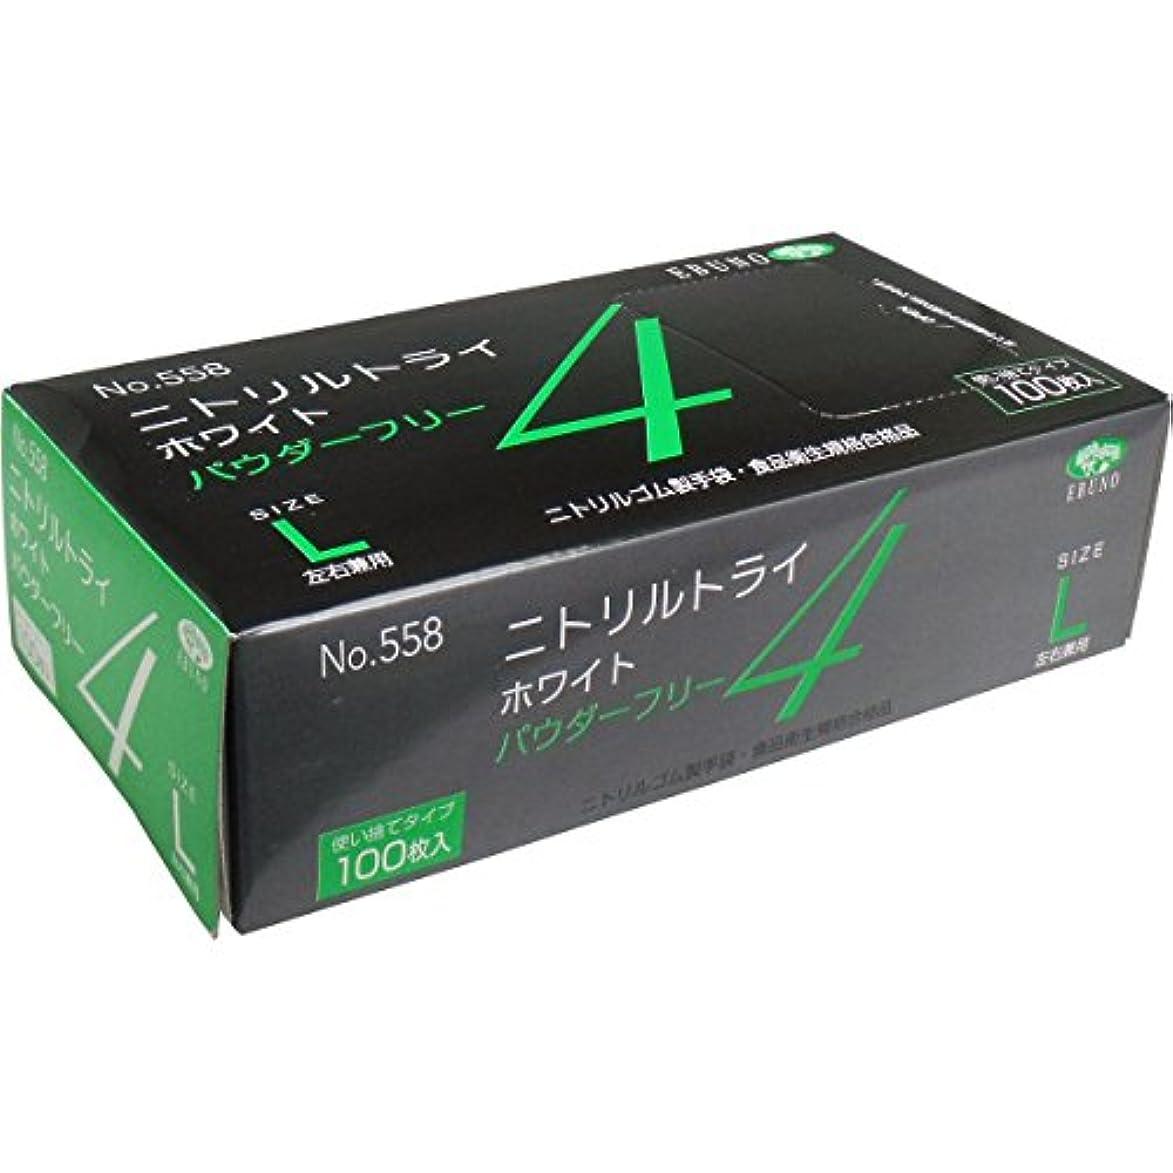 オフセット関係するウールニトリルトライ4 手袋 ホワイト パウダーフリー Lサイズ 100枚入×2個セット